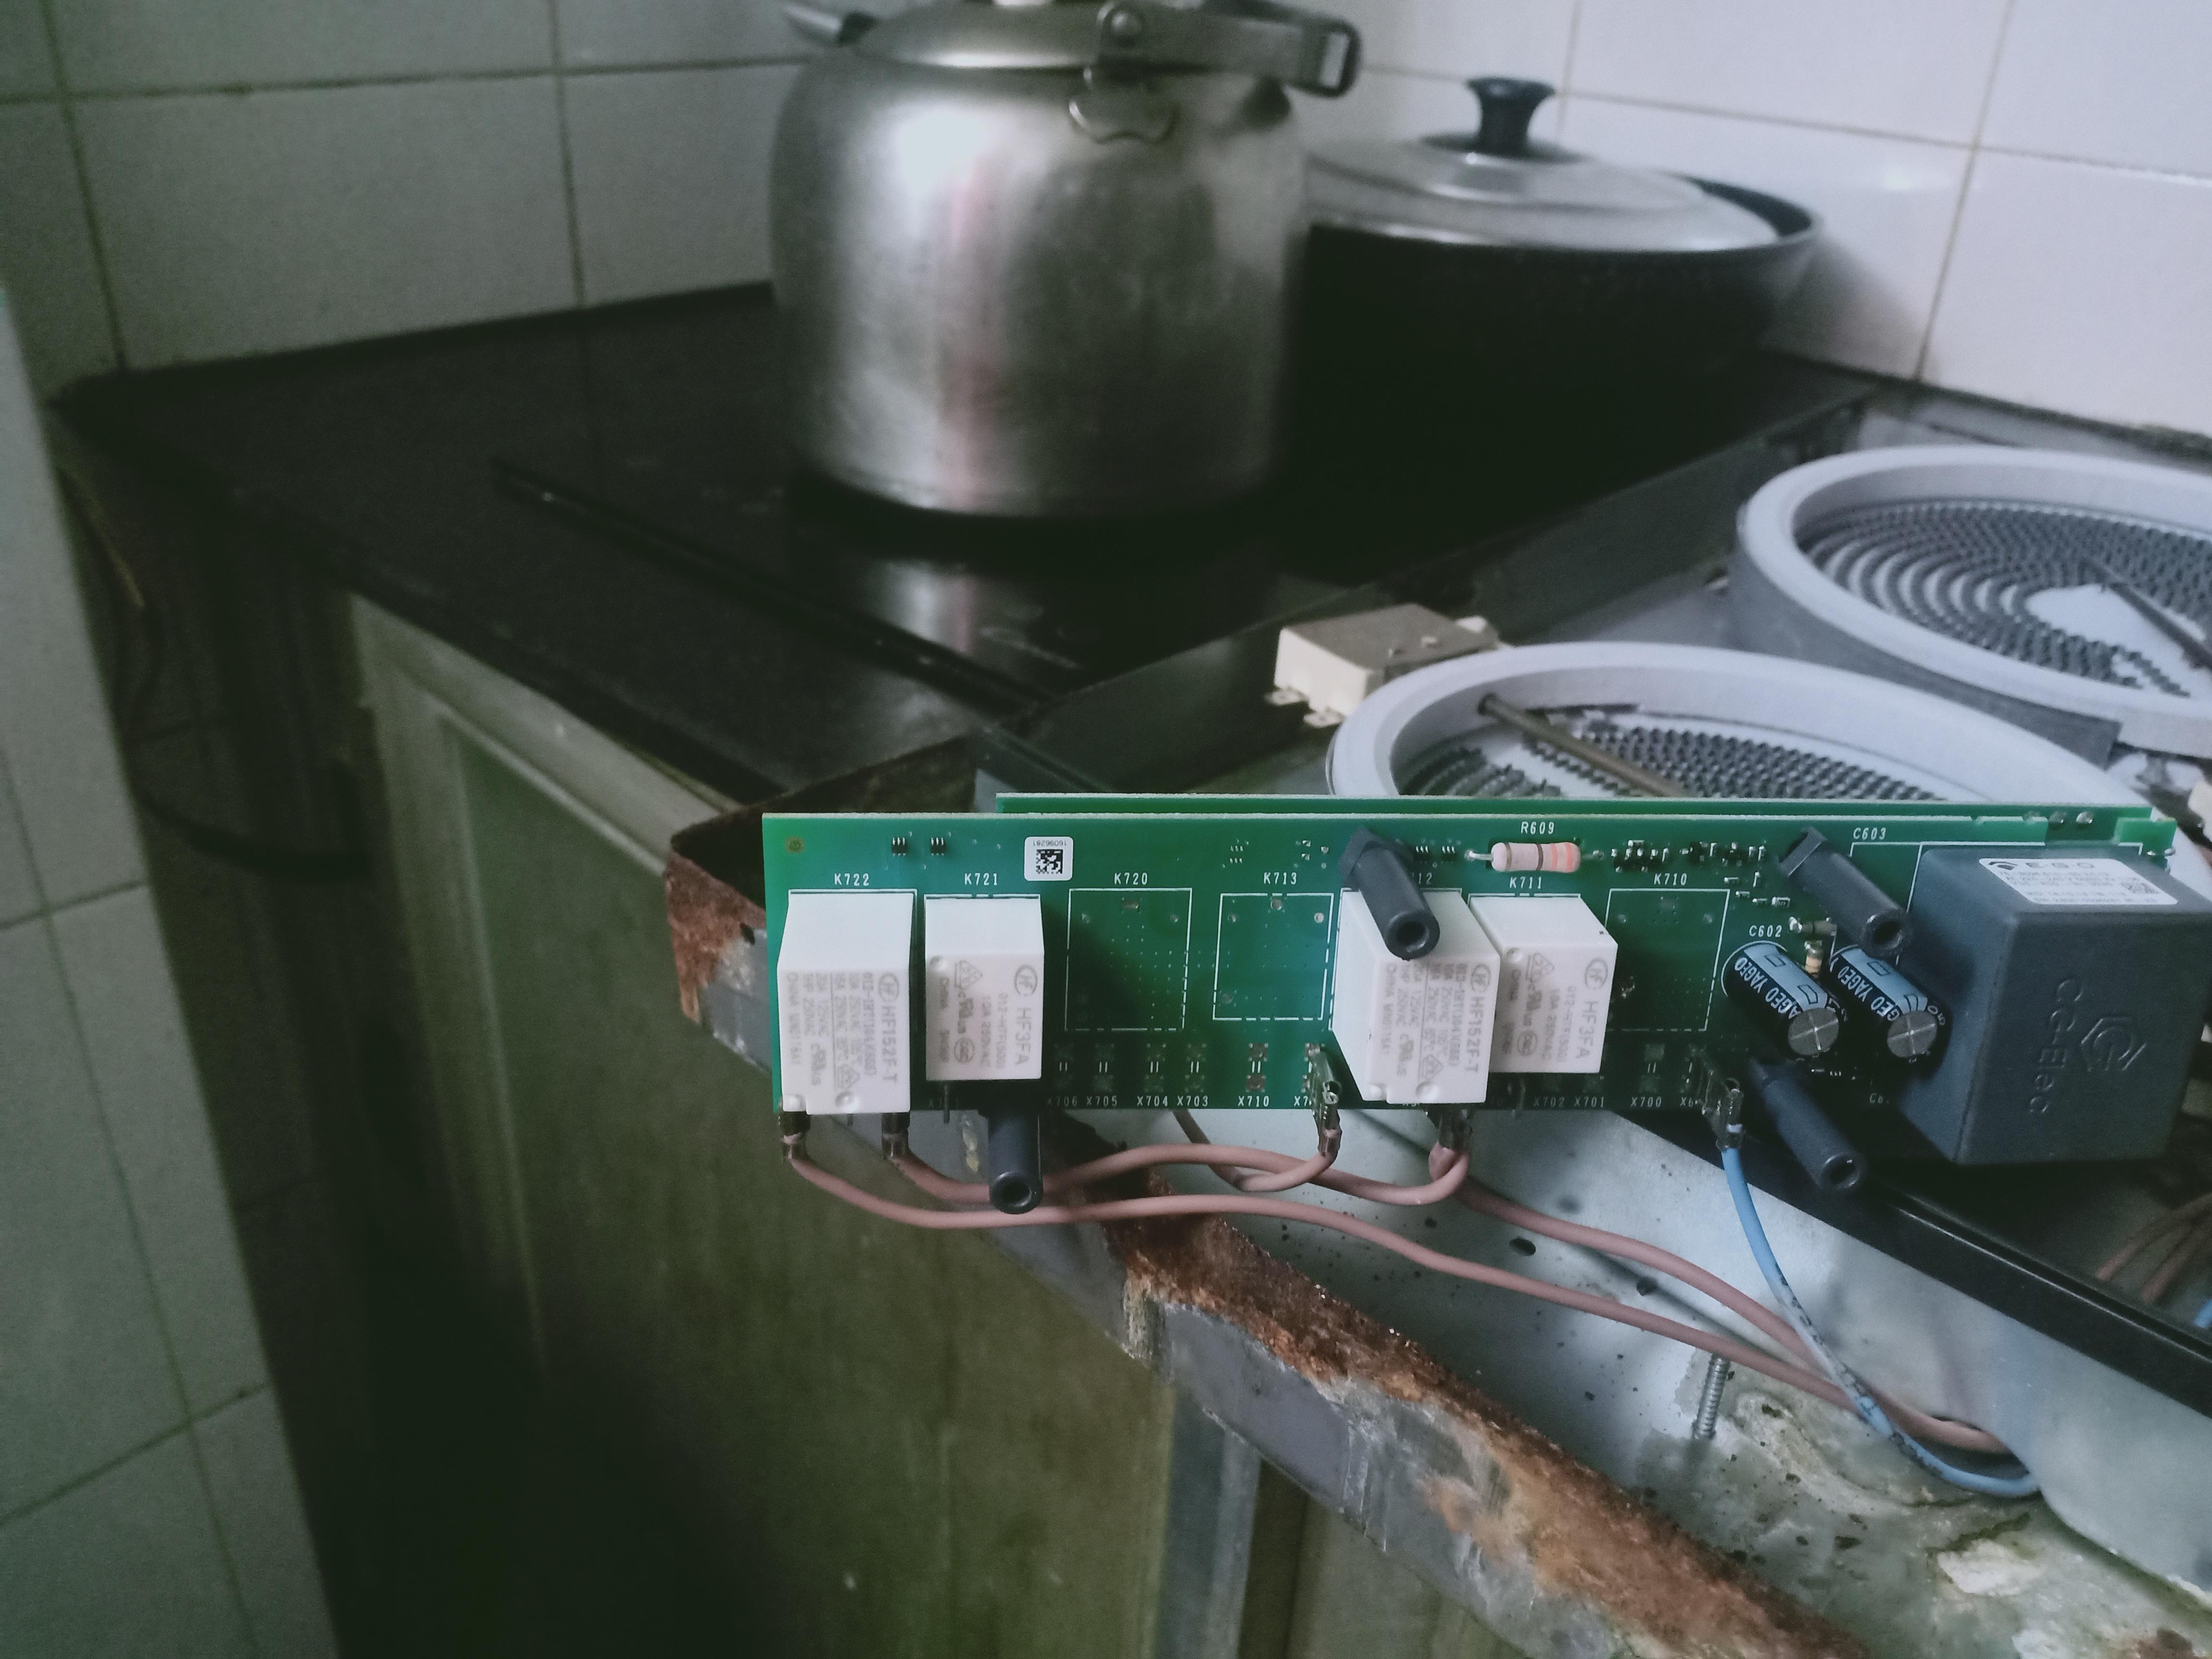 Dịch vụ bảo hành bếp hồng ngoại Bosch tại nhà